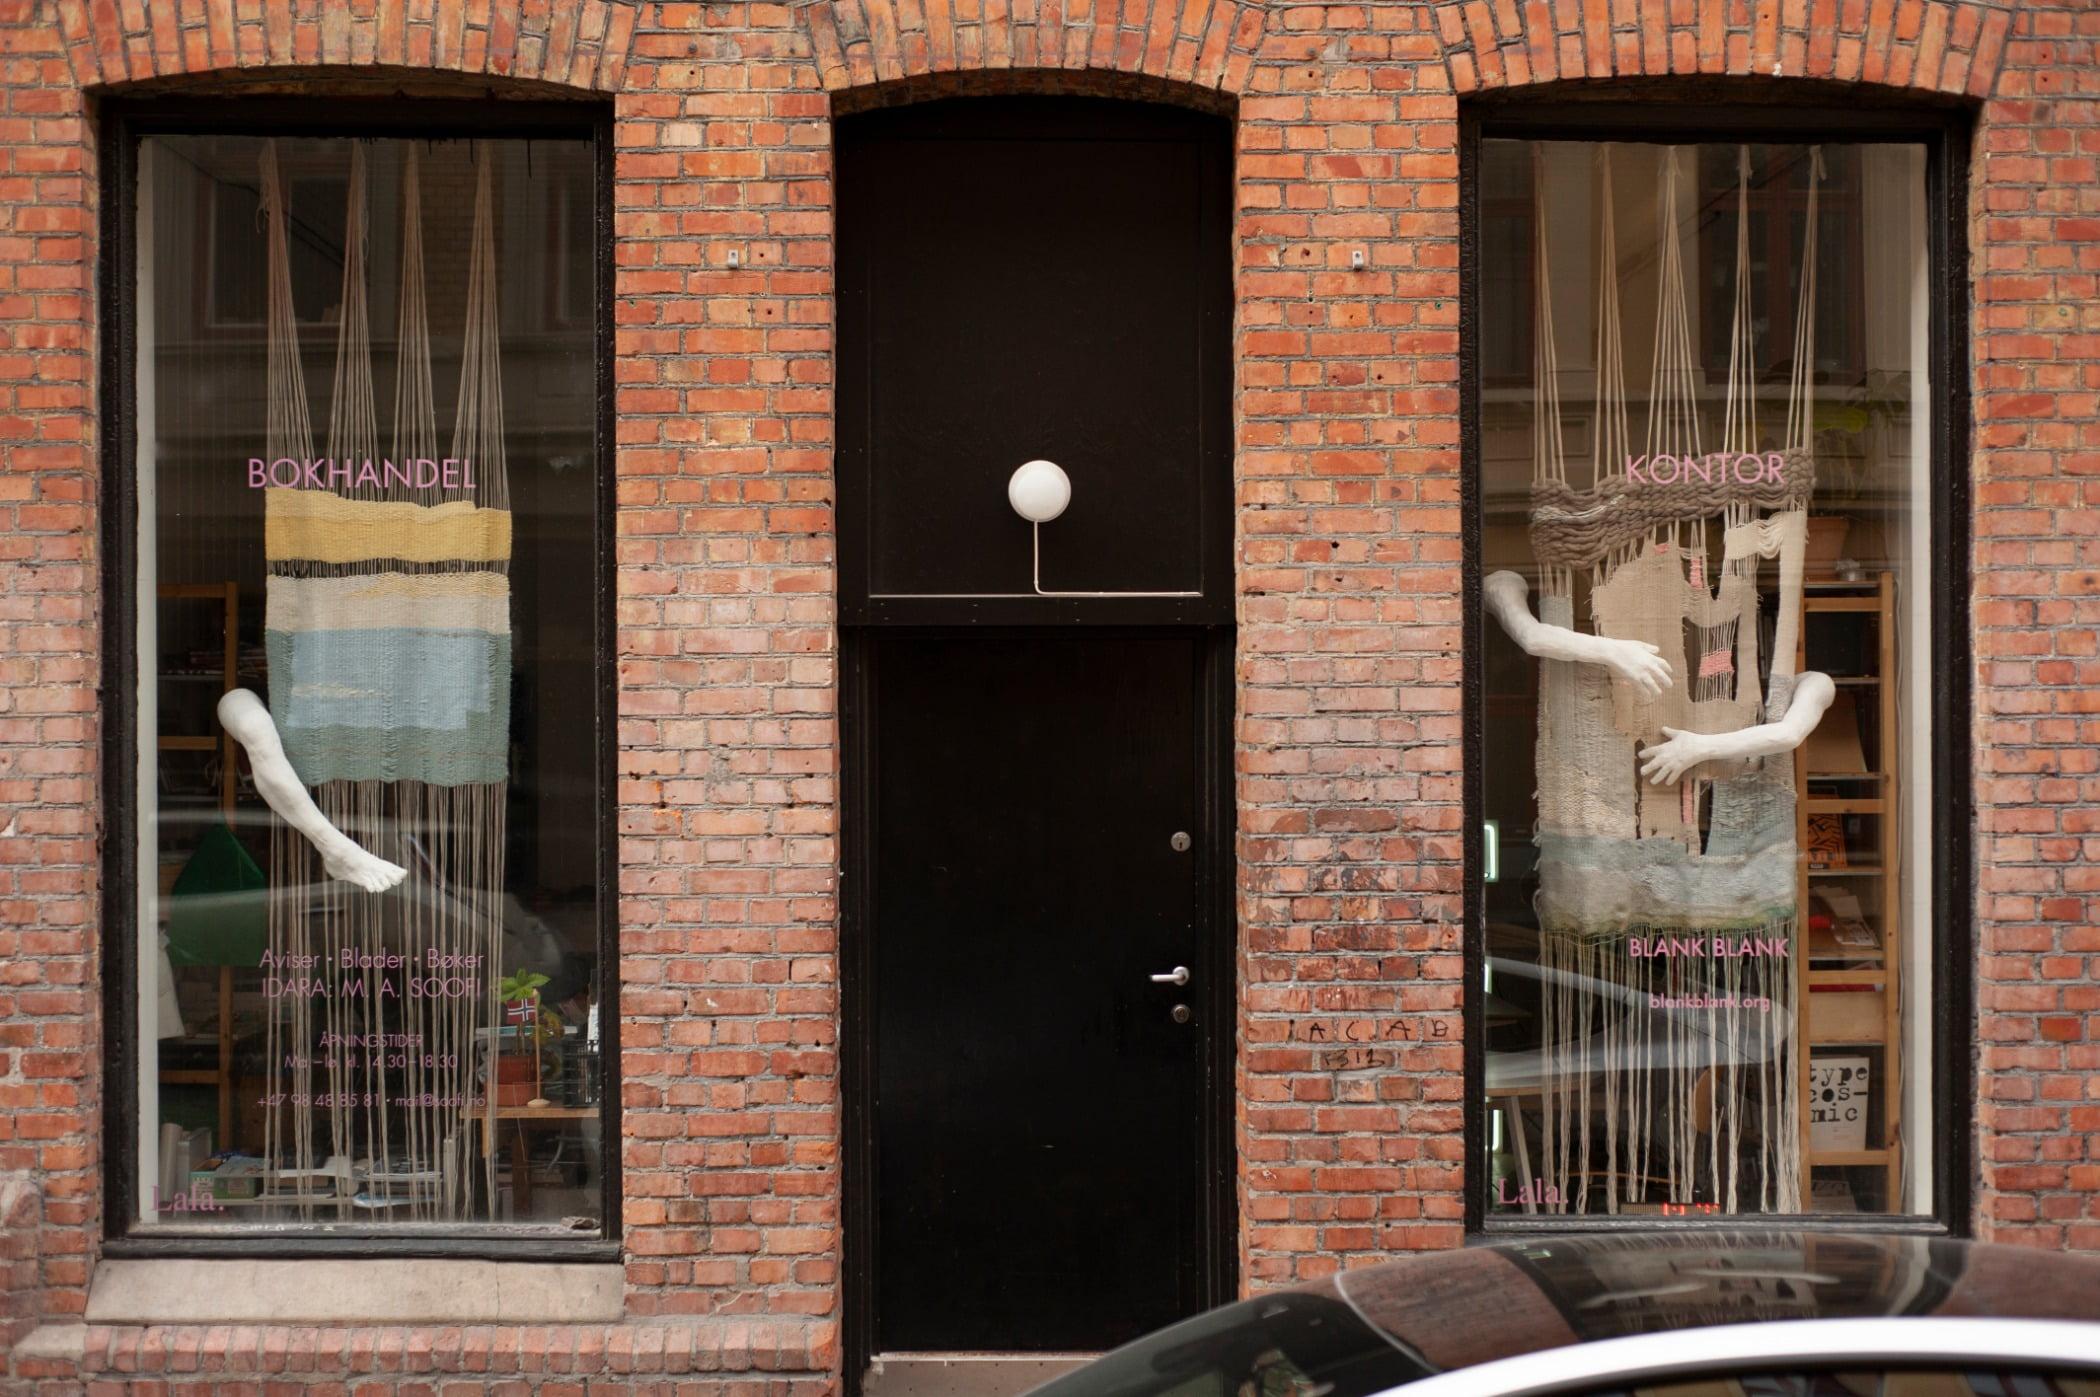 Photograph, Window, Building, Infrastructure, Wood, Brickwork, Brick, Door, Neighbourhood, Line